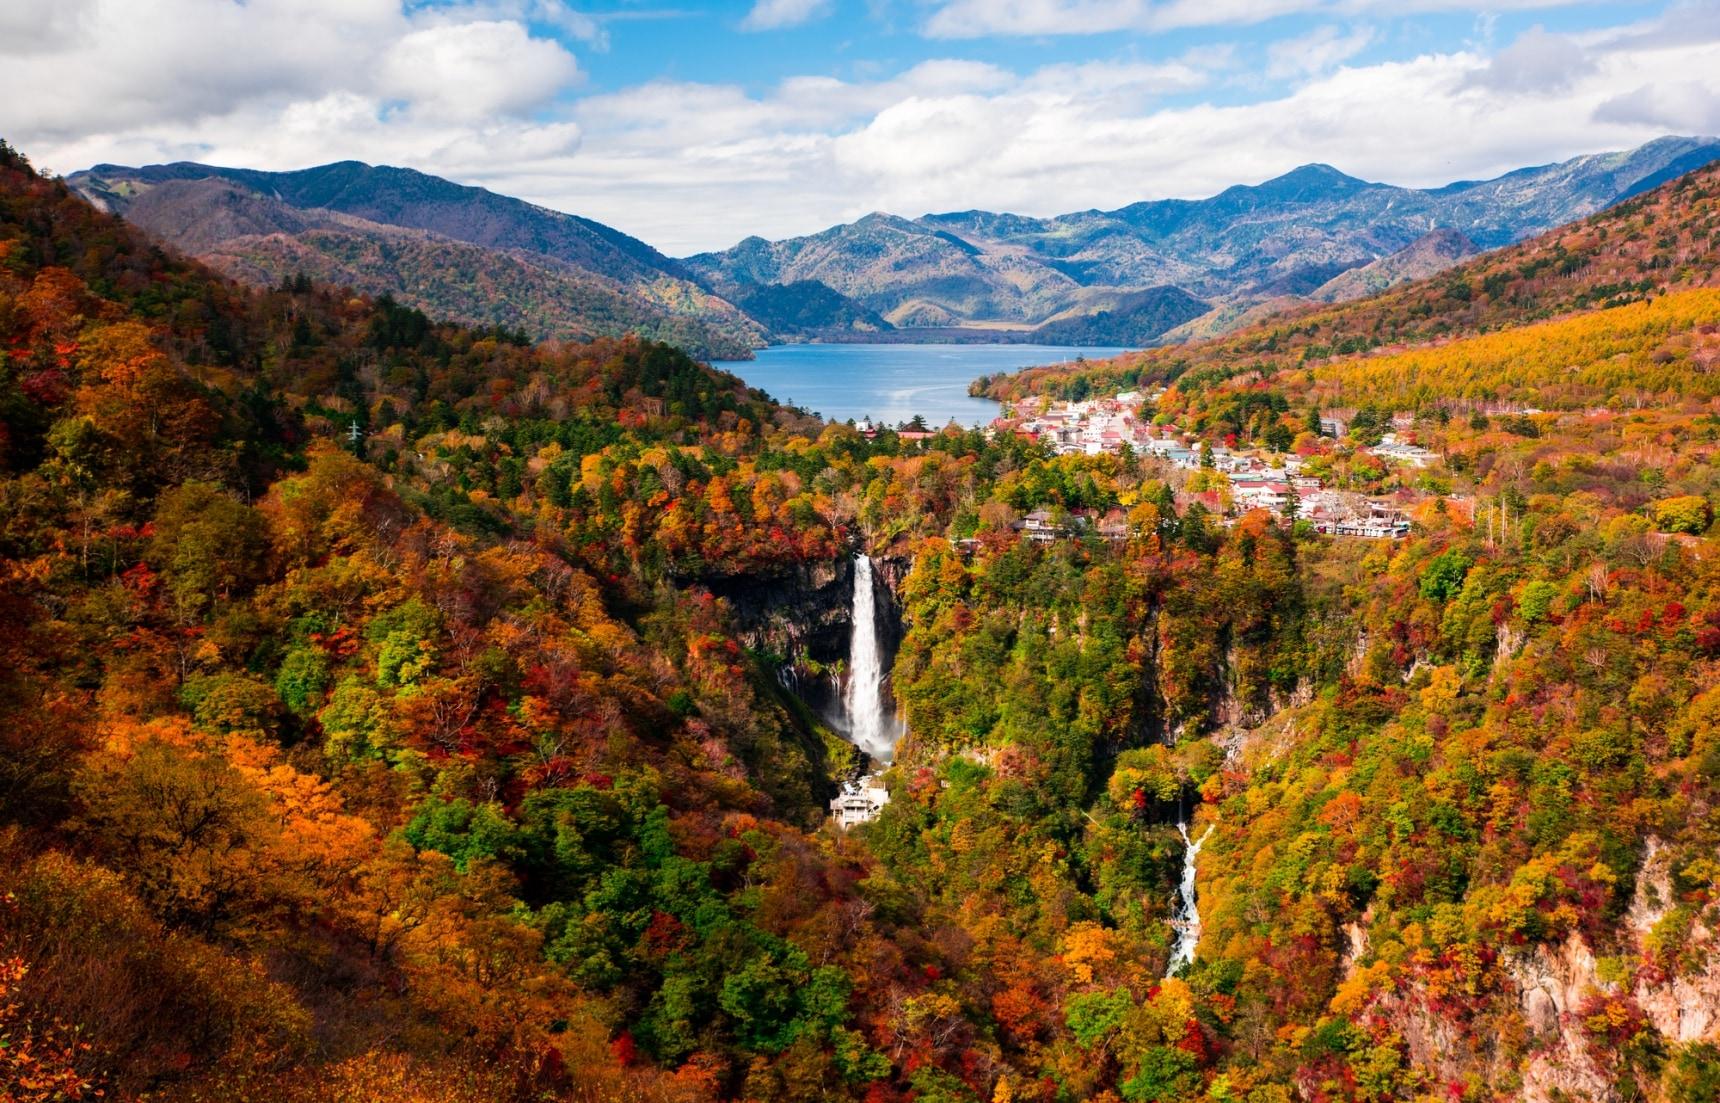 日本自助旅遊初心者一定要知道的栃木・日光5個王道景點